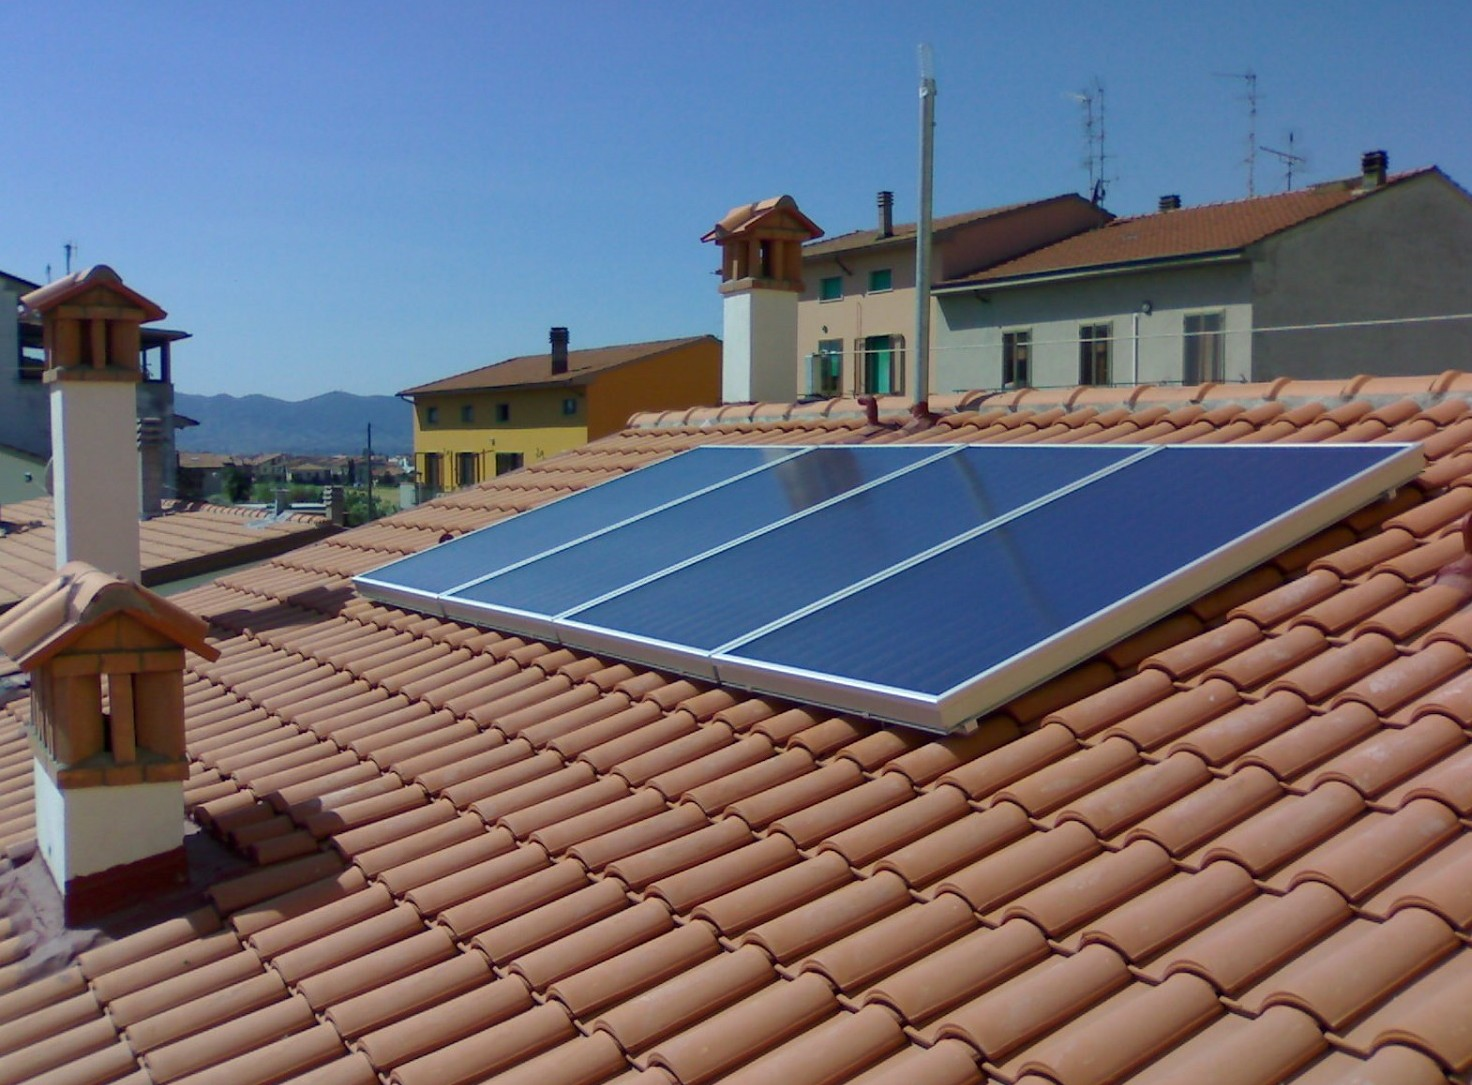 installazione-e-manutenzione-pannelli-solari-a-cattolica-e-gabicce